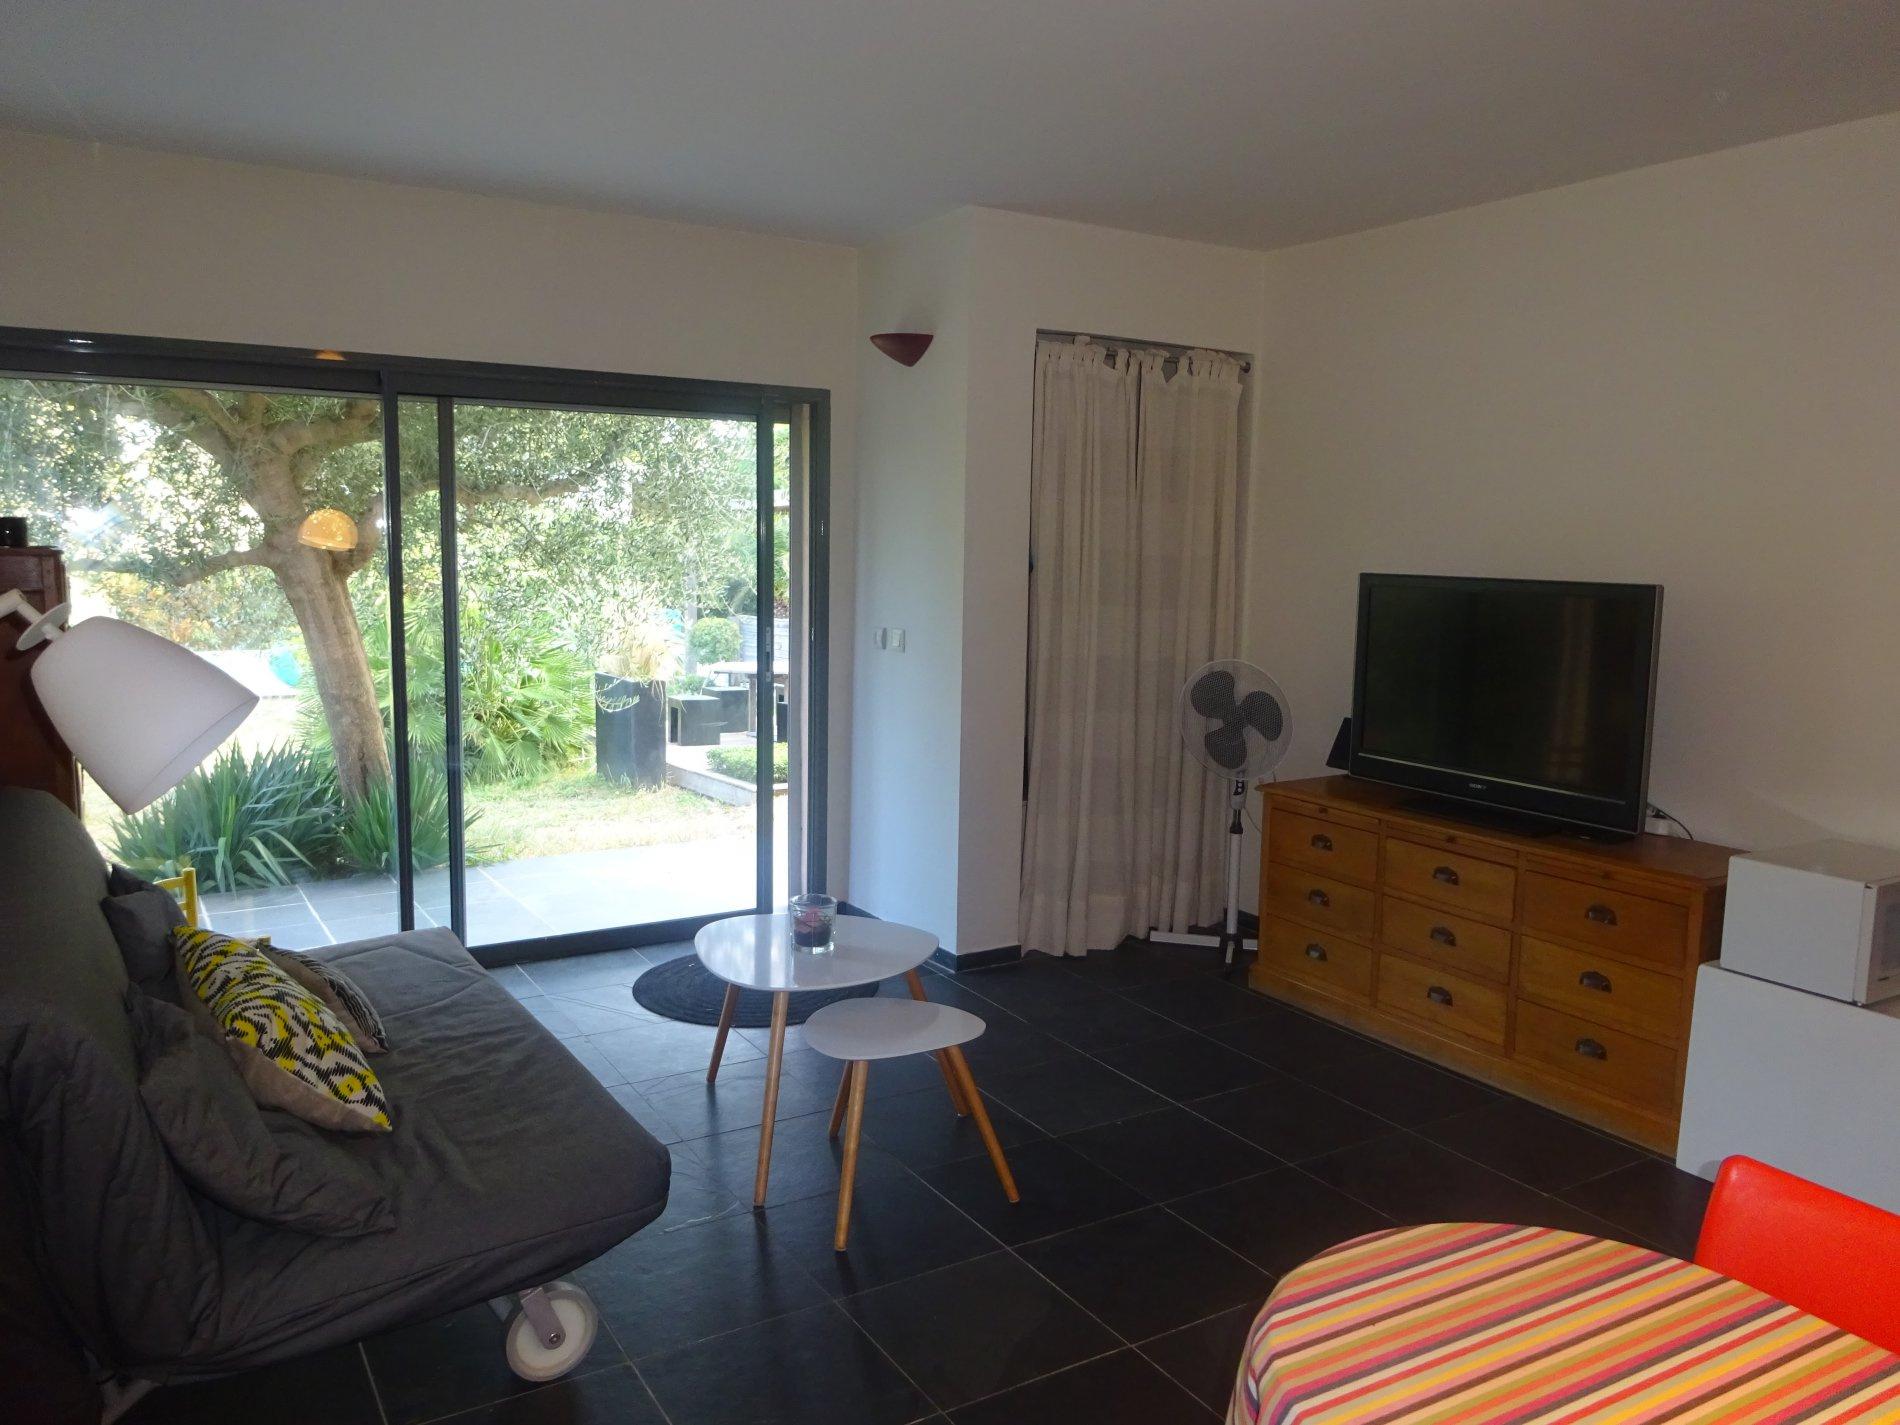 Image_15, Maison / villa, La Ciotat, ref :30071